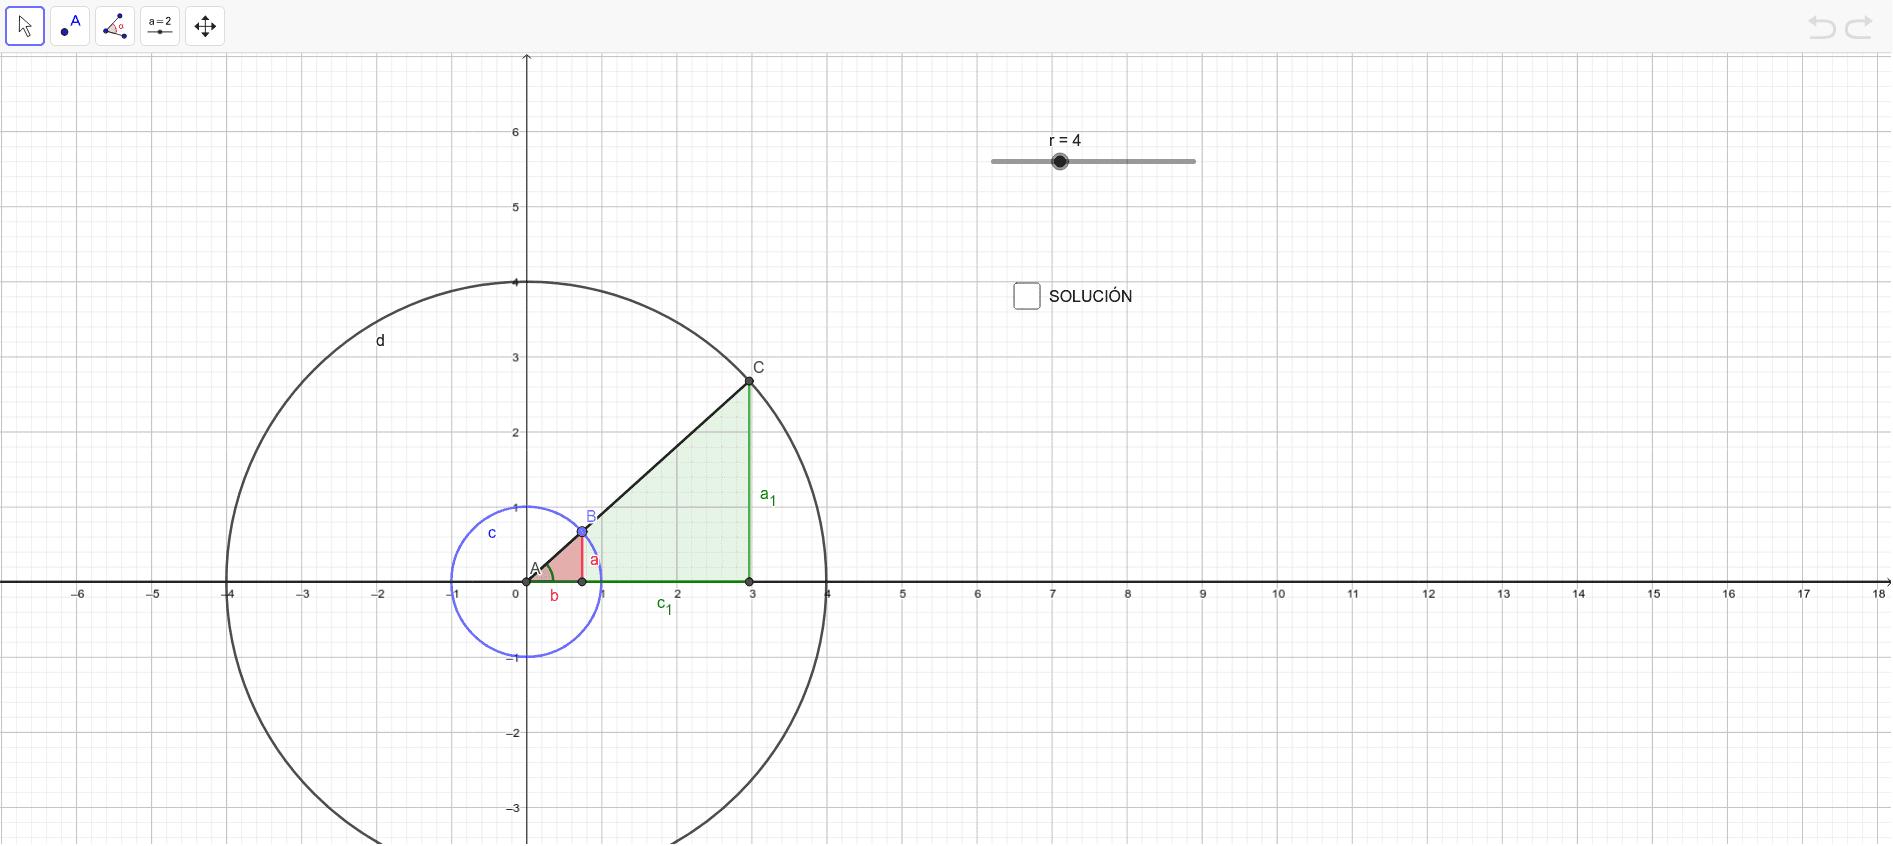 Desliza el punto B situado en la circunferencia goniométrica (en azul). Demuestra que los triángulos son semejantes, calcula el seno y coseno de los dos triángulos. ¿Son iguales? ¿Qué pasa con los signos de seno y coseno en cada cuadrante? Presiona Intro para comenzar la actividad